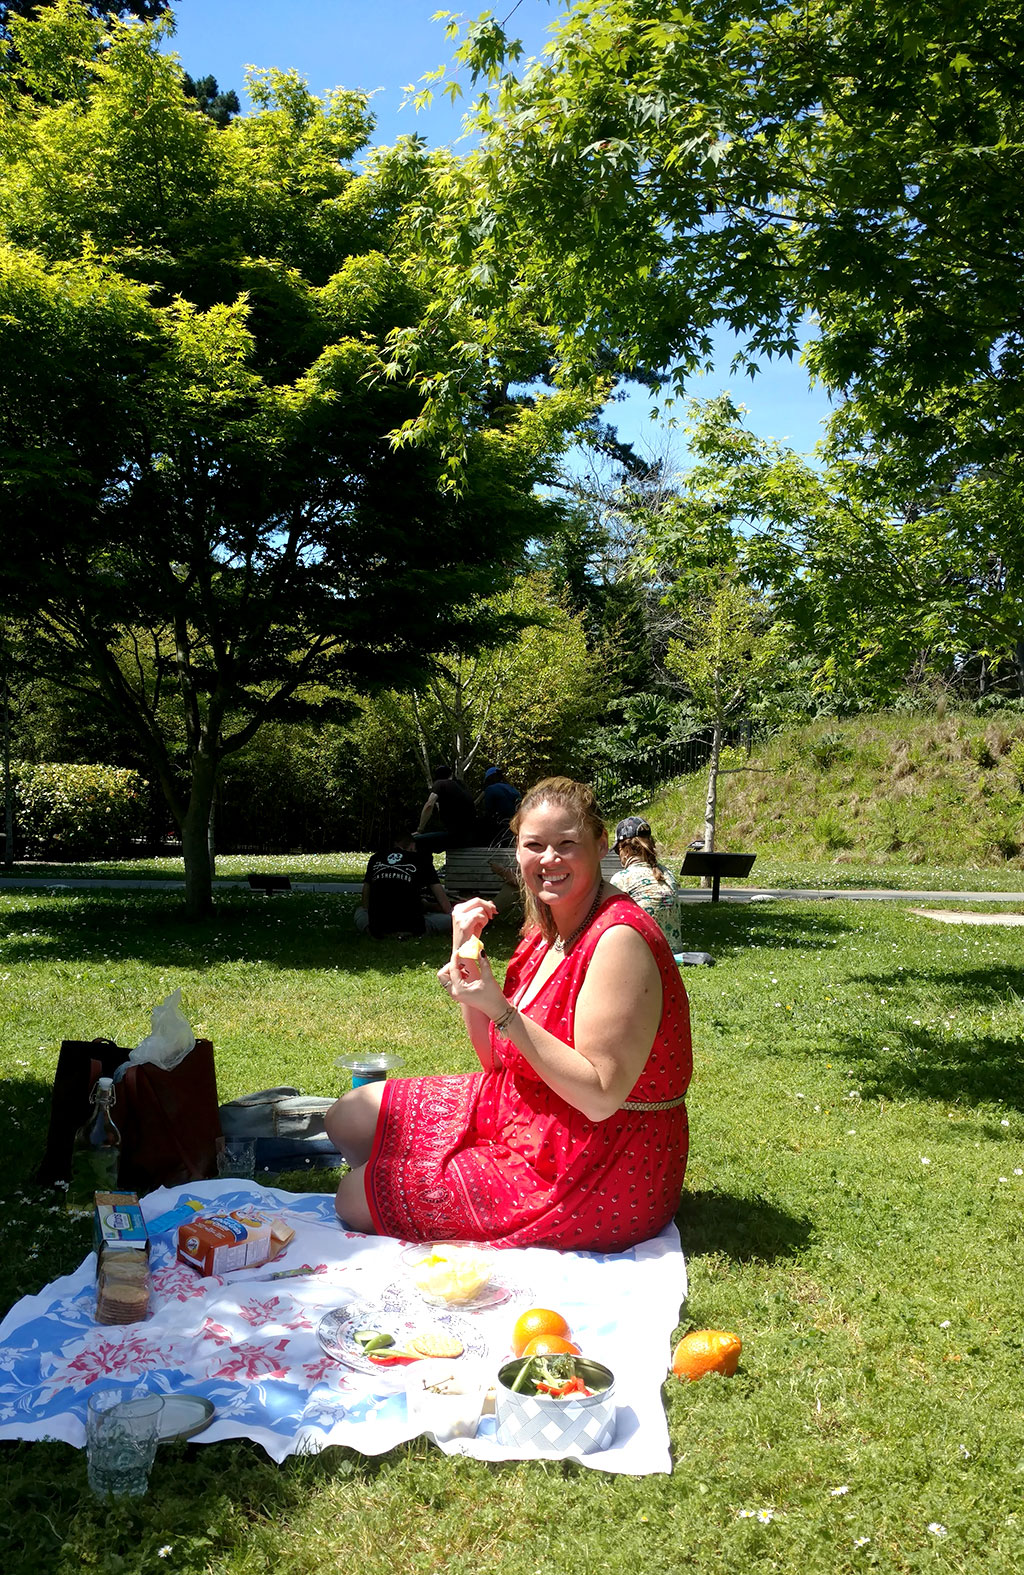 de Young picnic